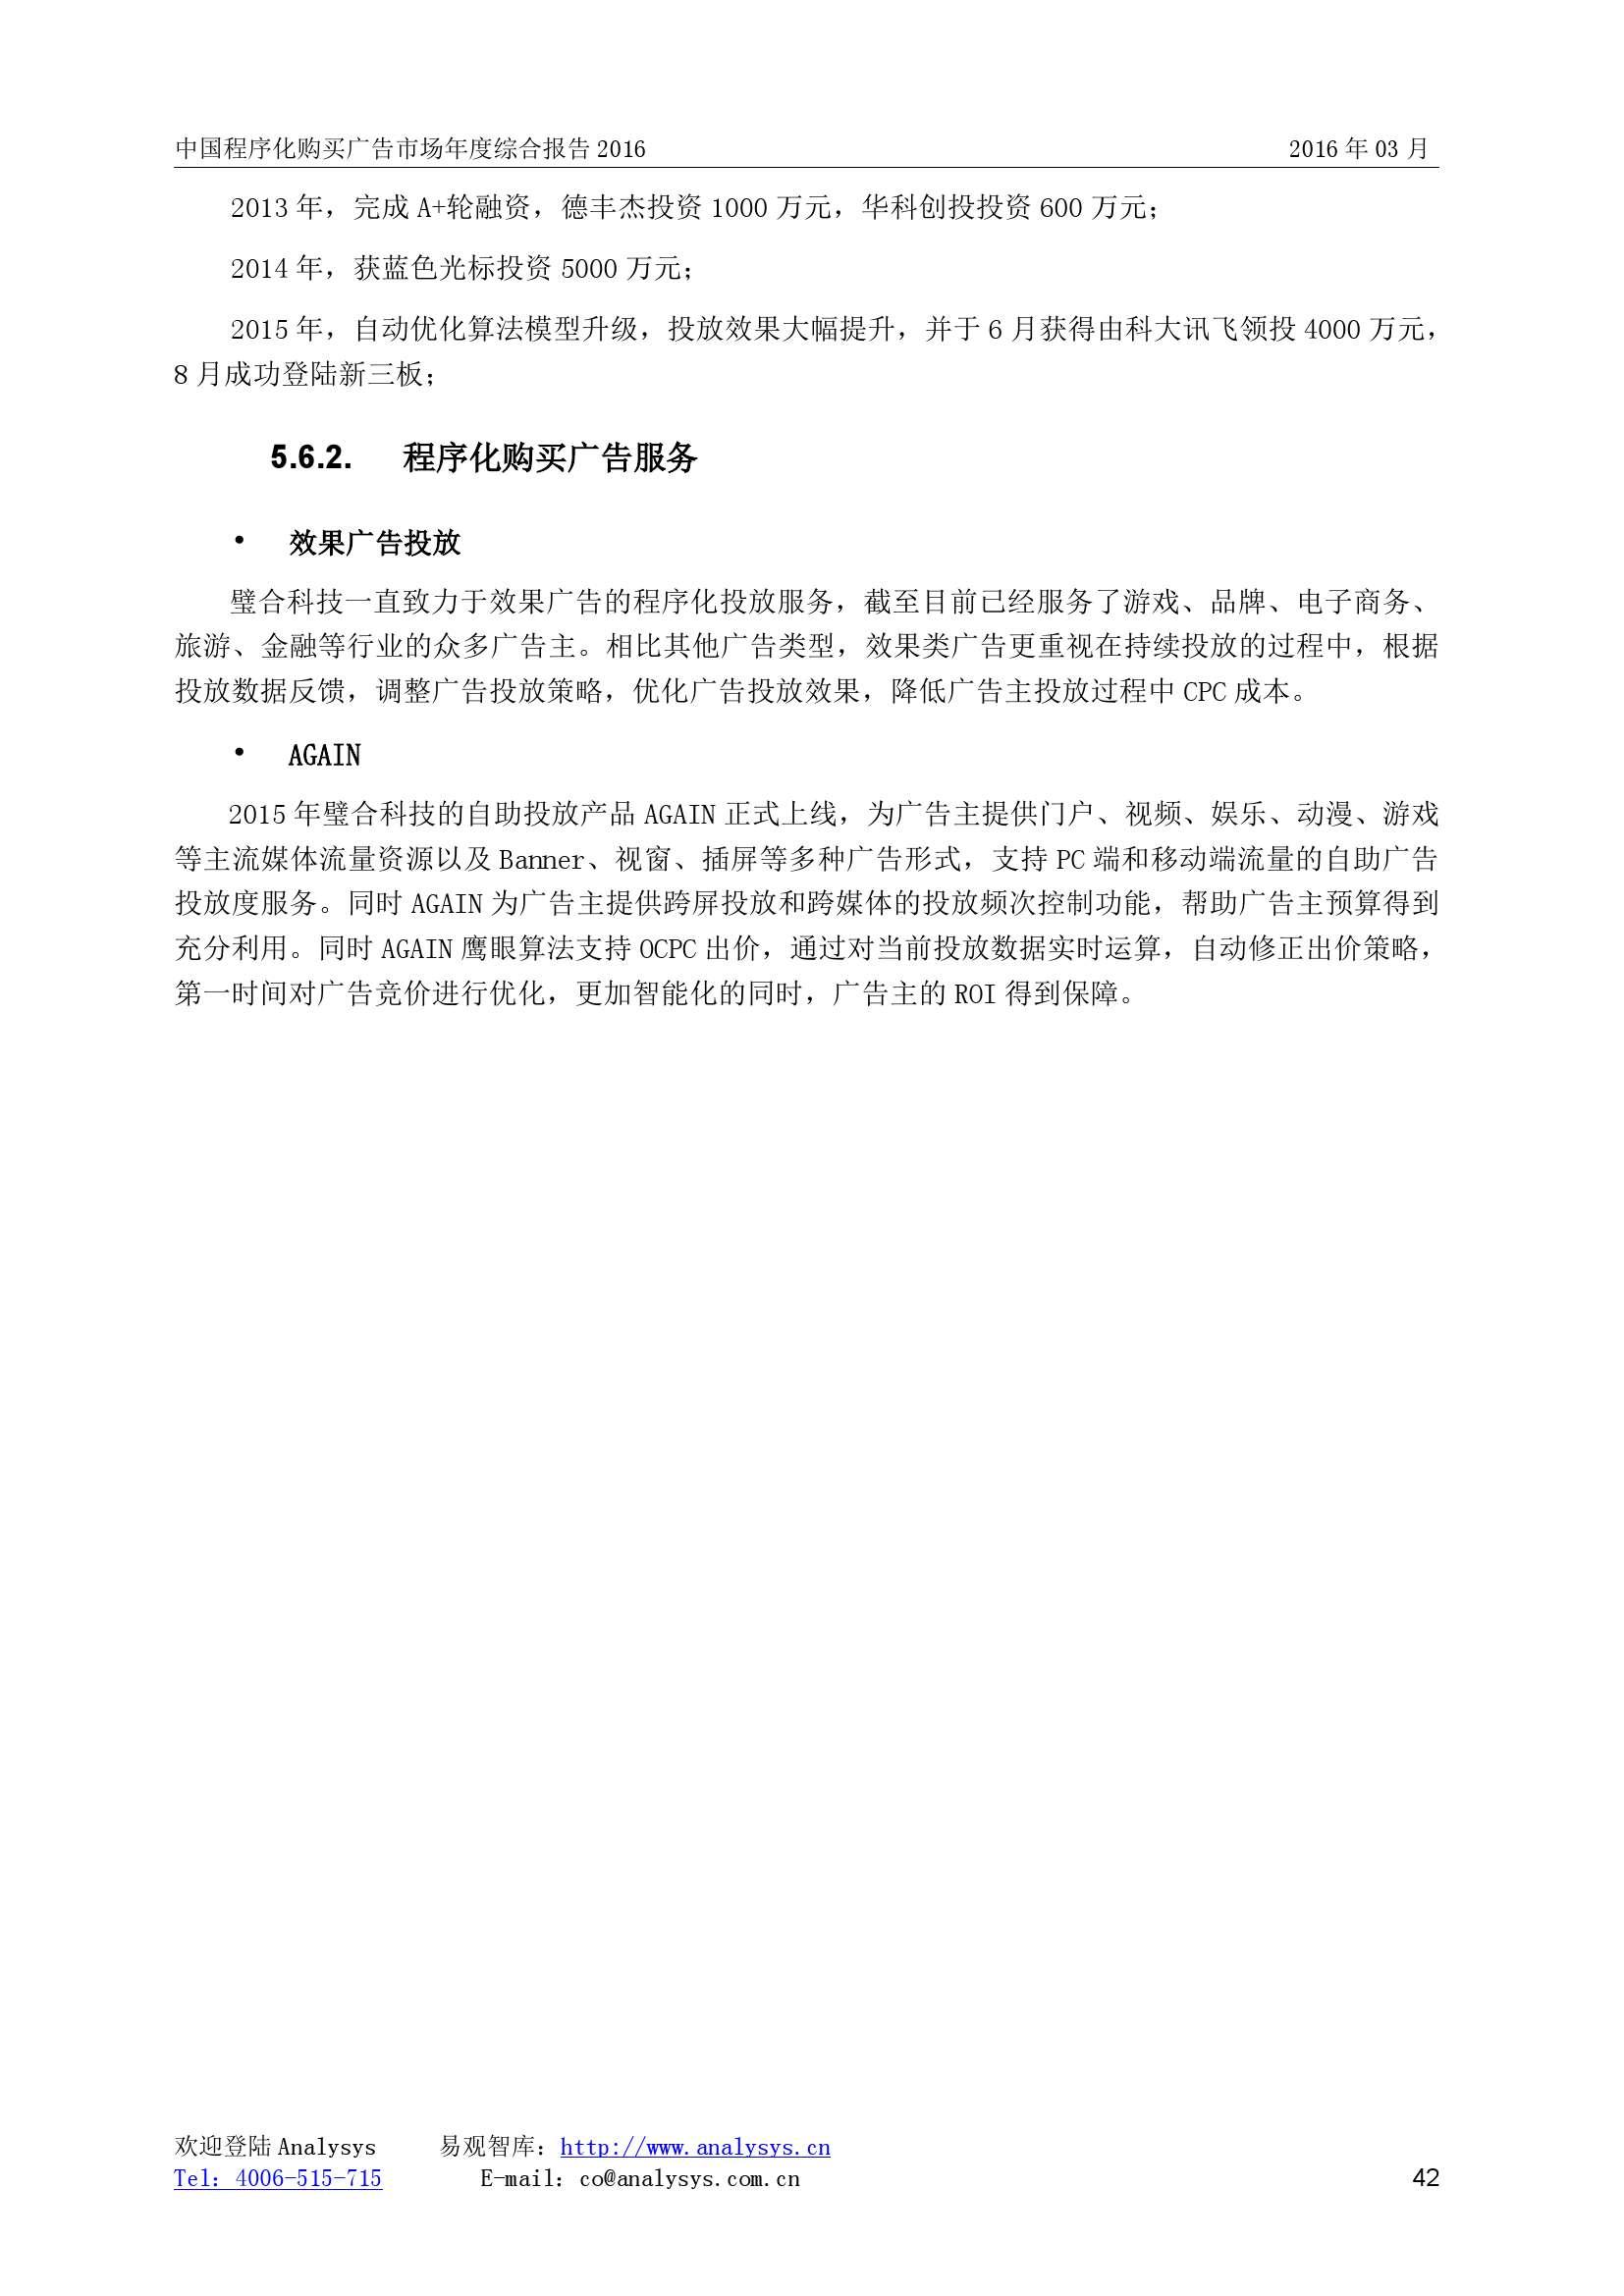 中国程序化购买广告市场年度综合报告2016_000042